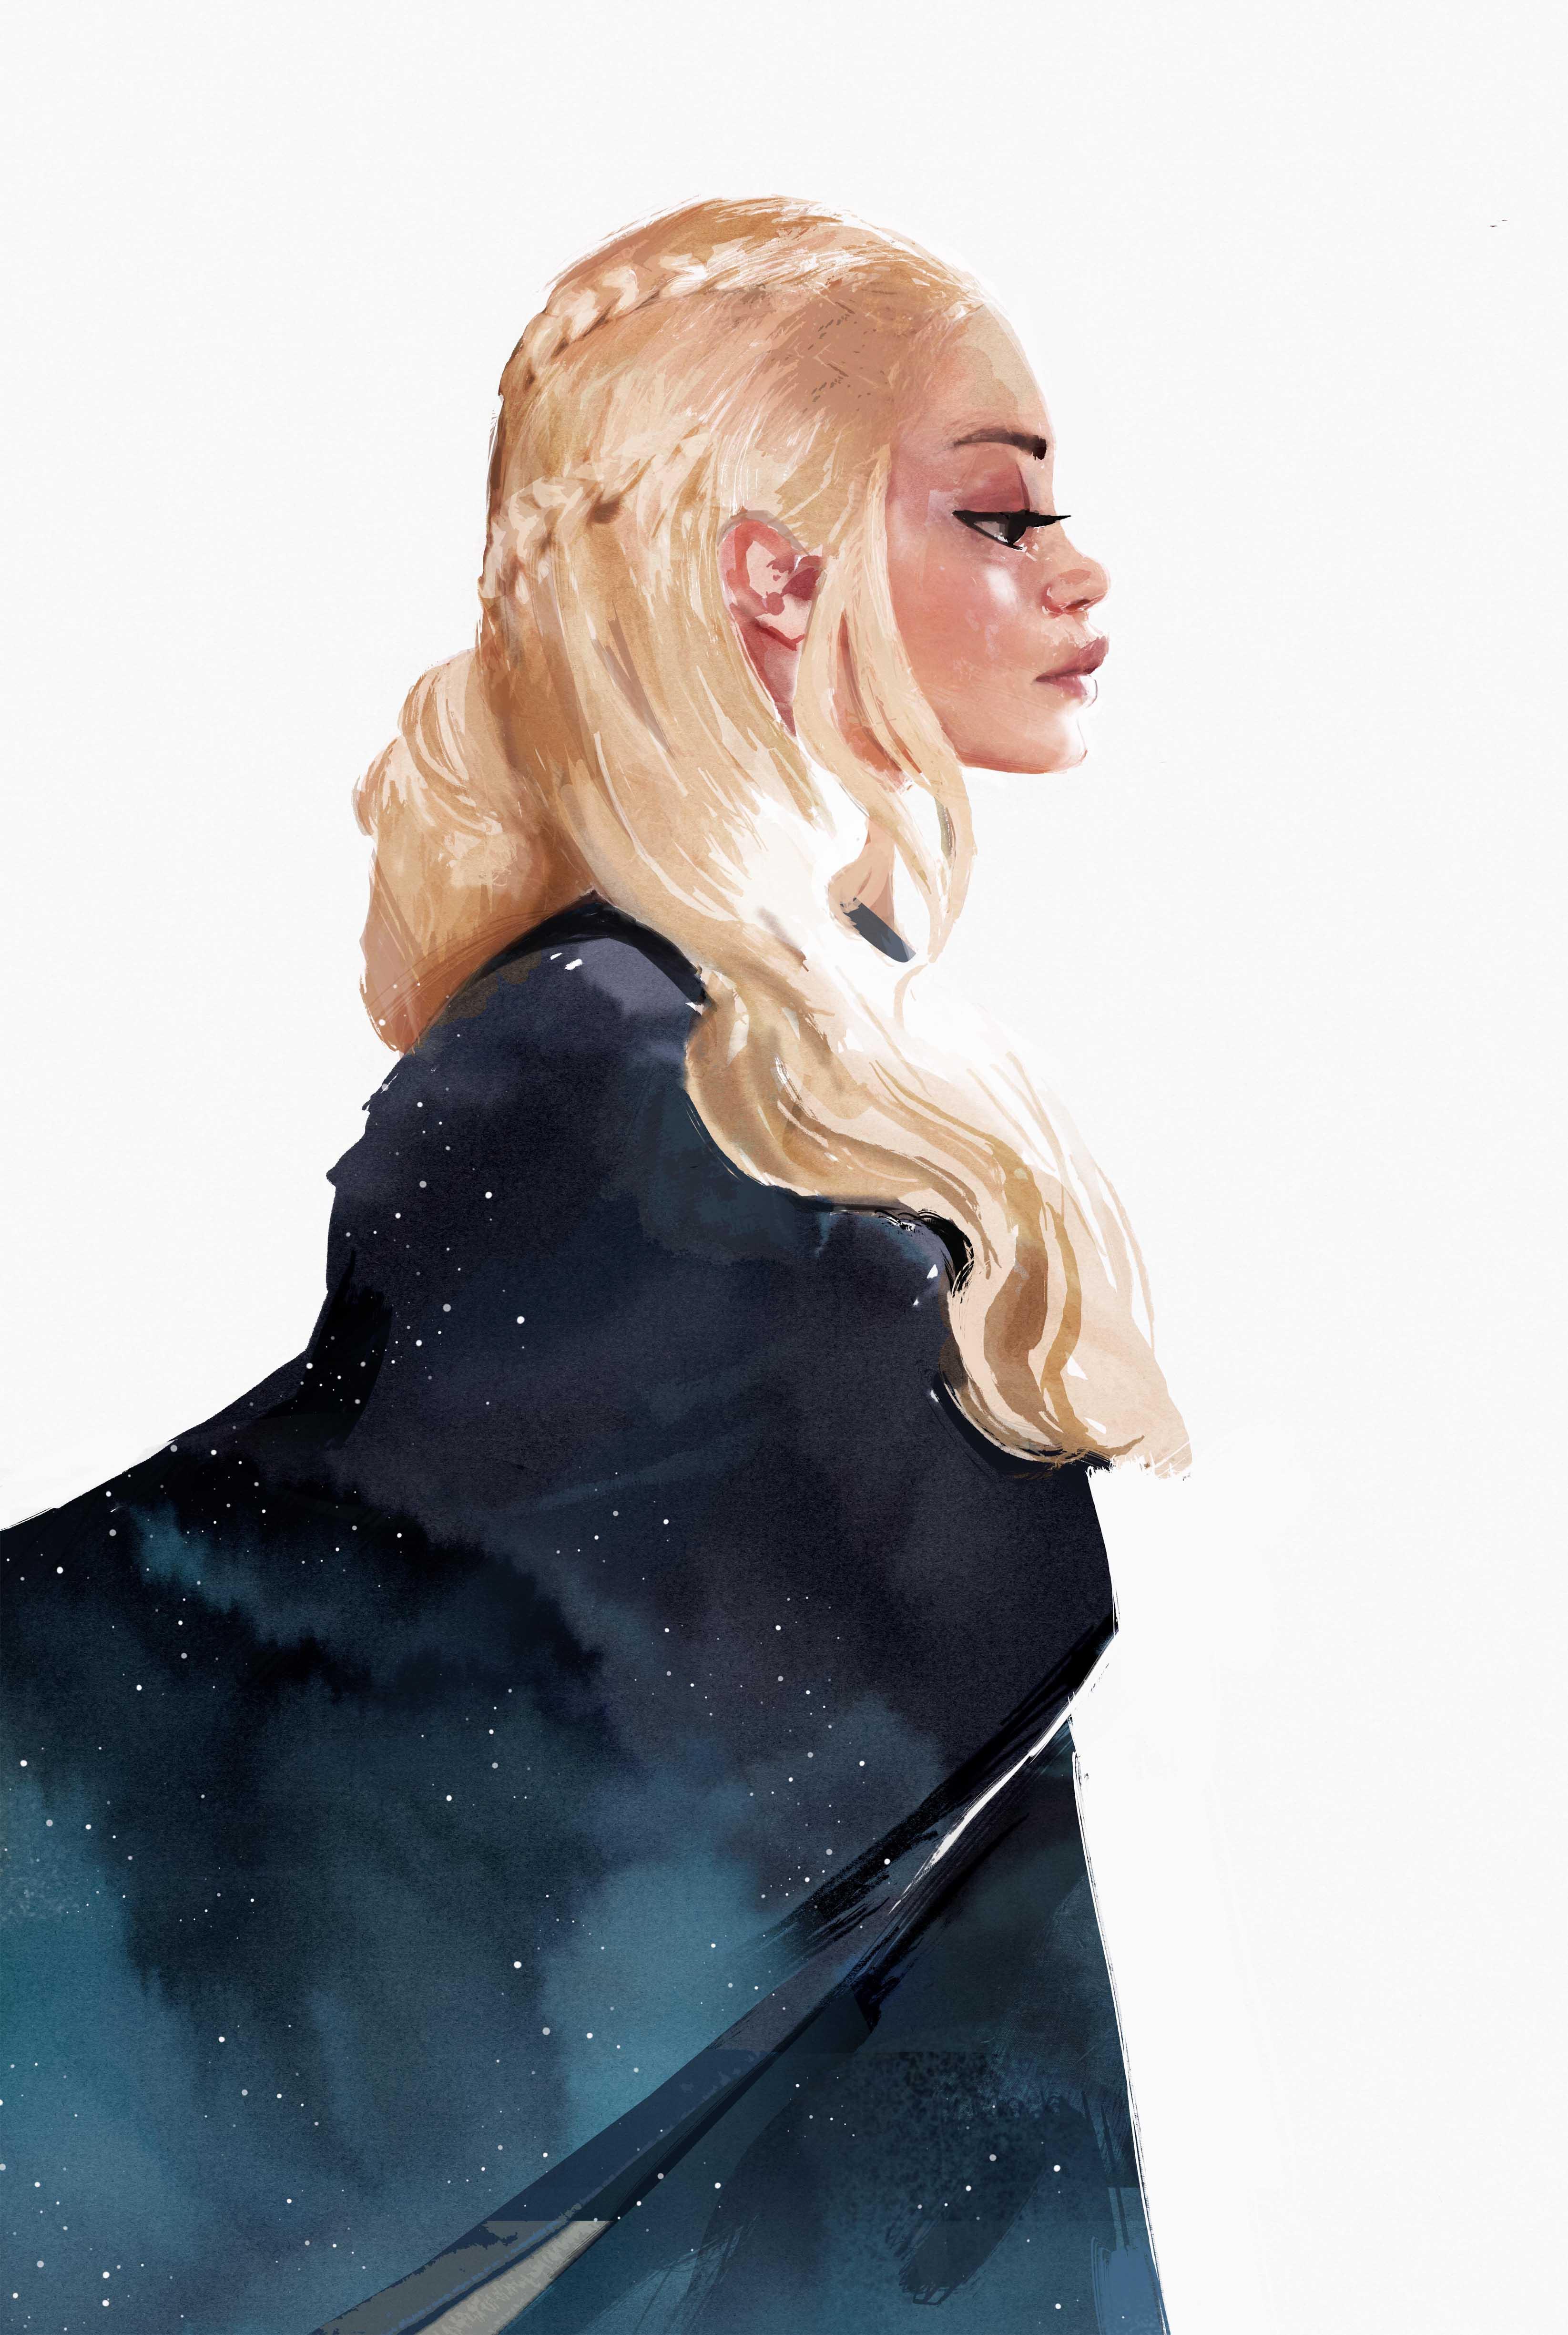 daenerys03lr